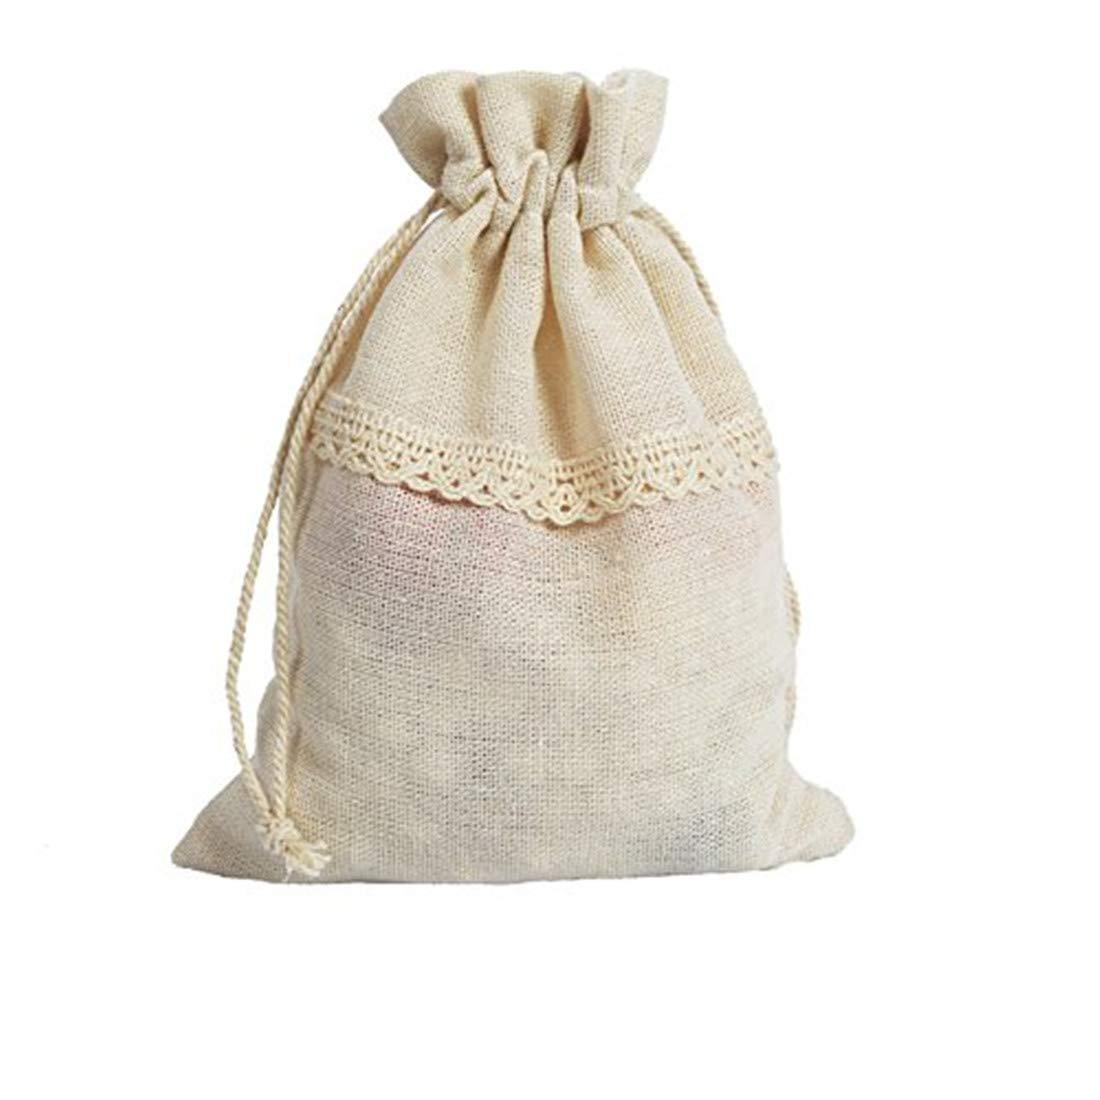 Baumwoll-Geschenksaeckchen Lace Beutelchen Hochzeit Beutel Samtbeutel 25 Stueck ZWD LB001DC7